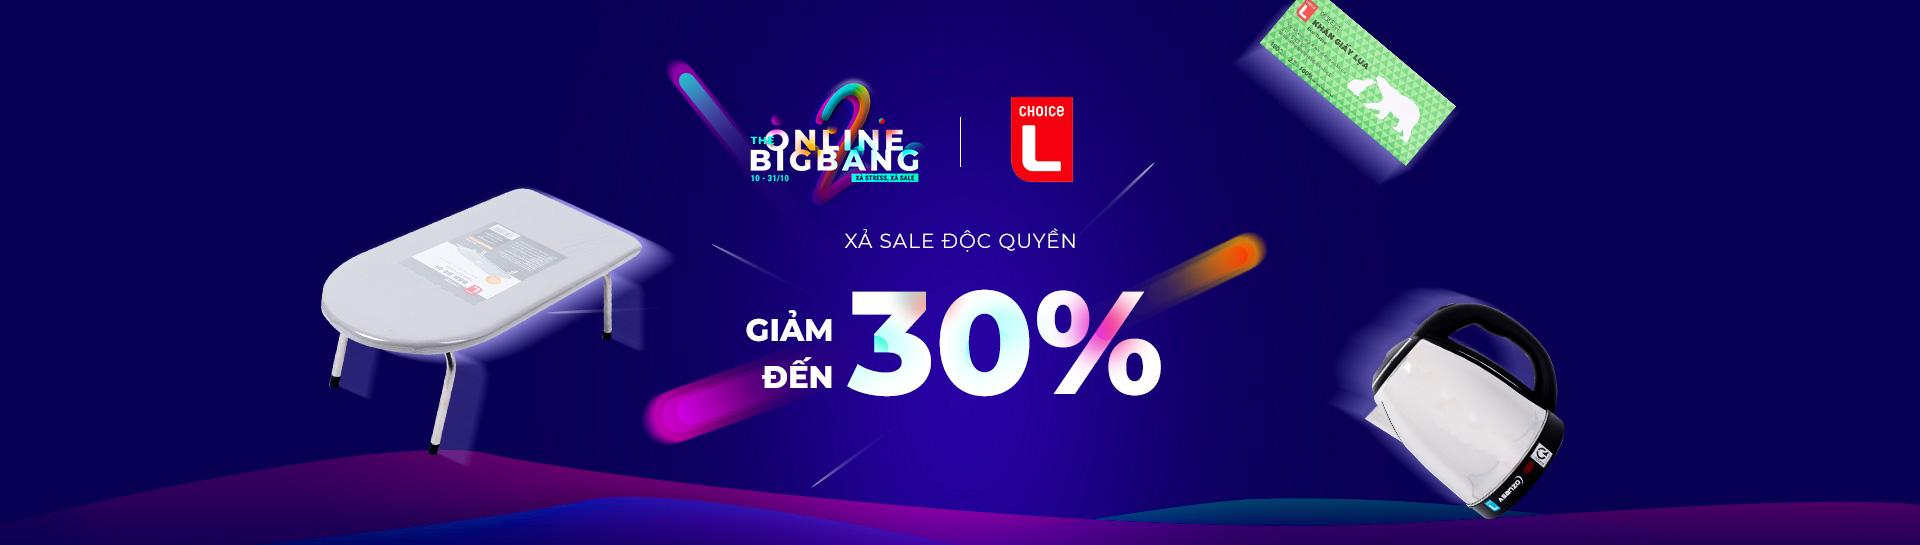 Choice L - Giảm giá đến 30%